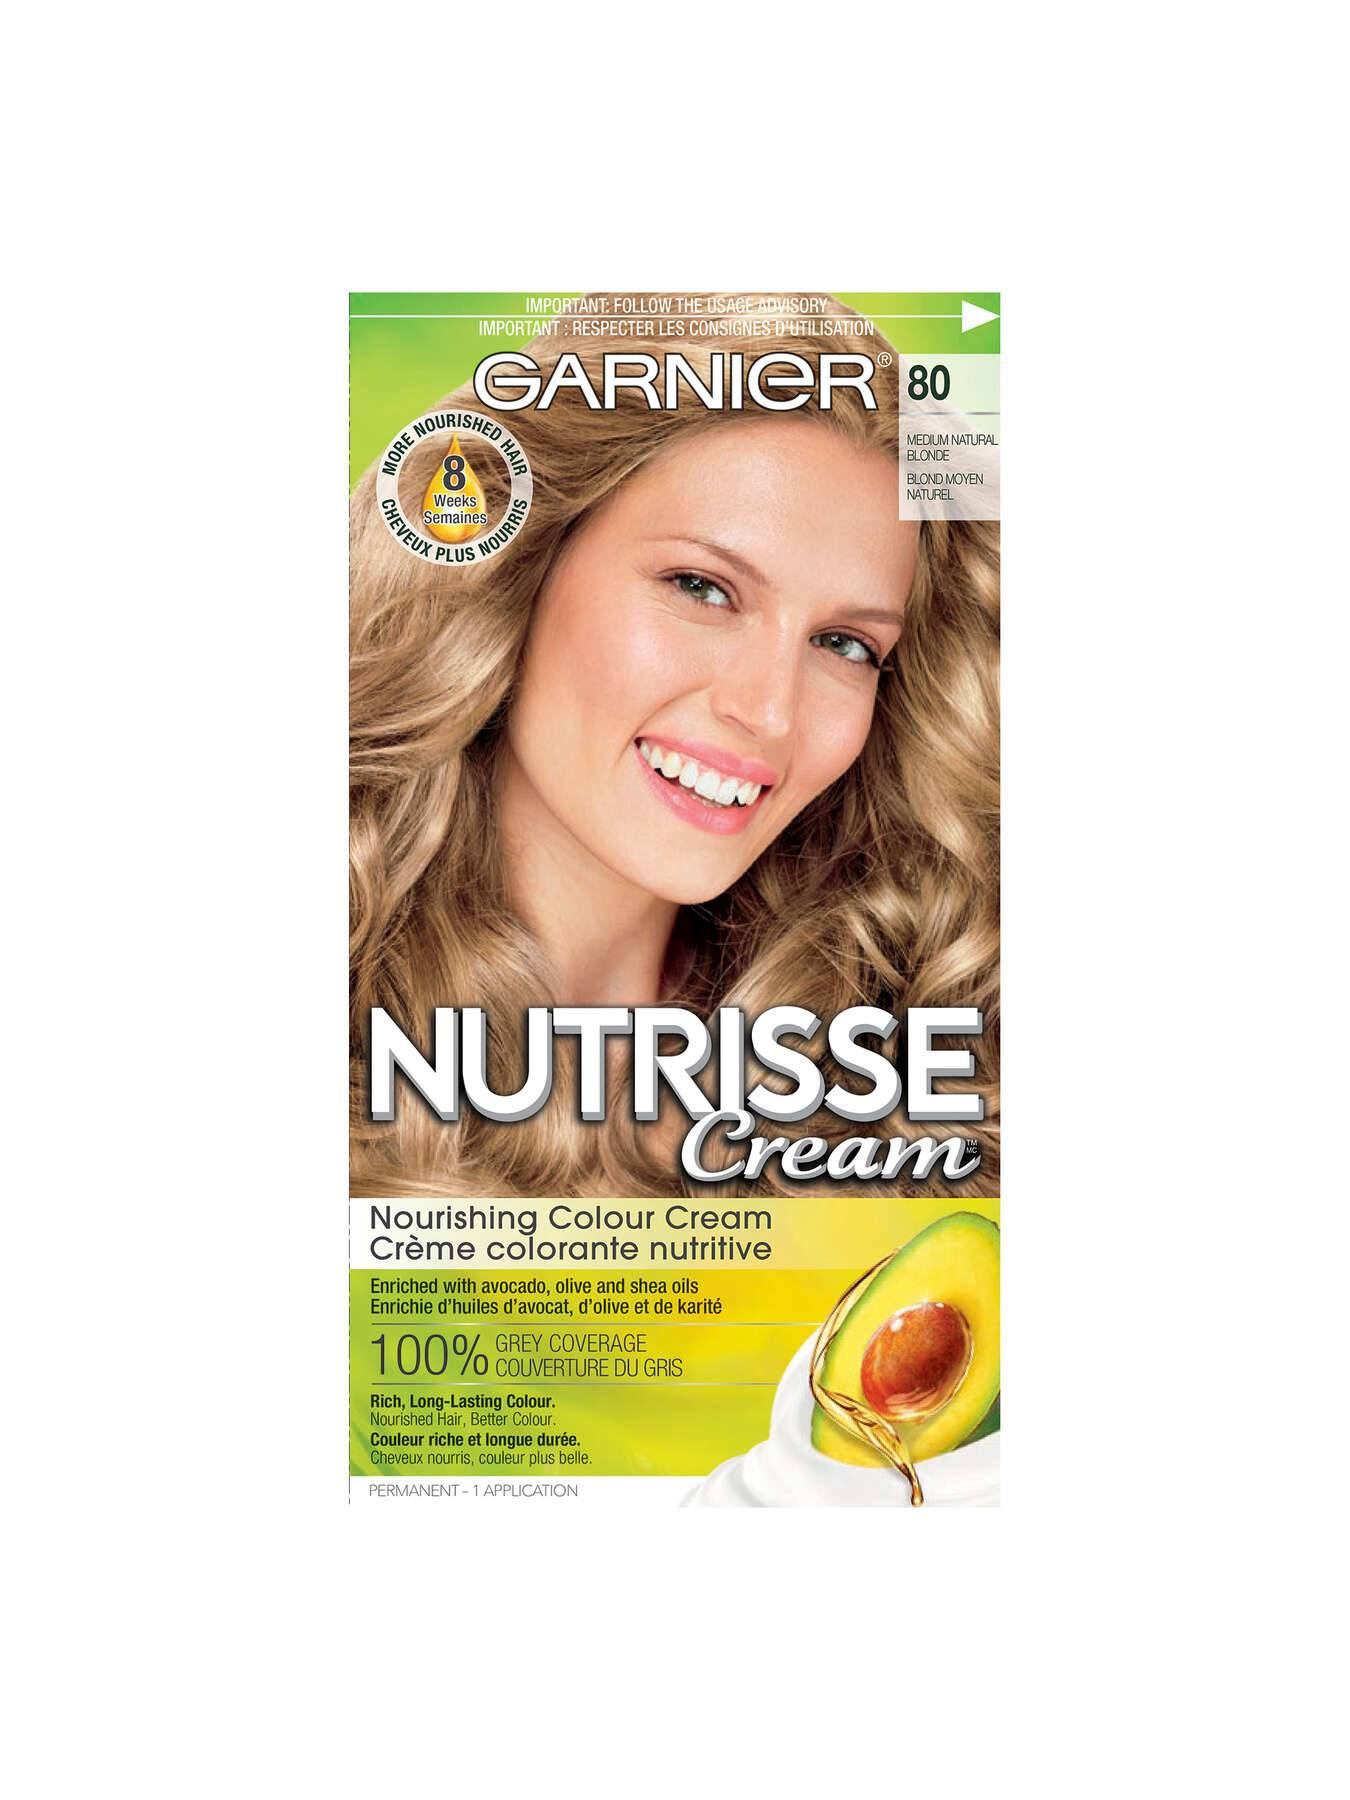 Garnier Blonde Hair Color Chart : garnier, blonde, color, chart, Medium, Natural, Blonde, Garnier, Nutrisse, Cream